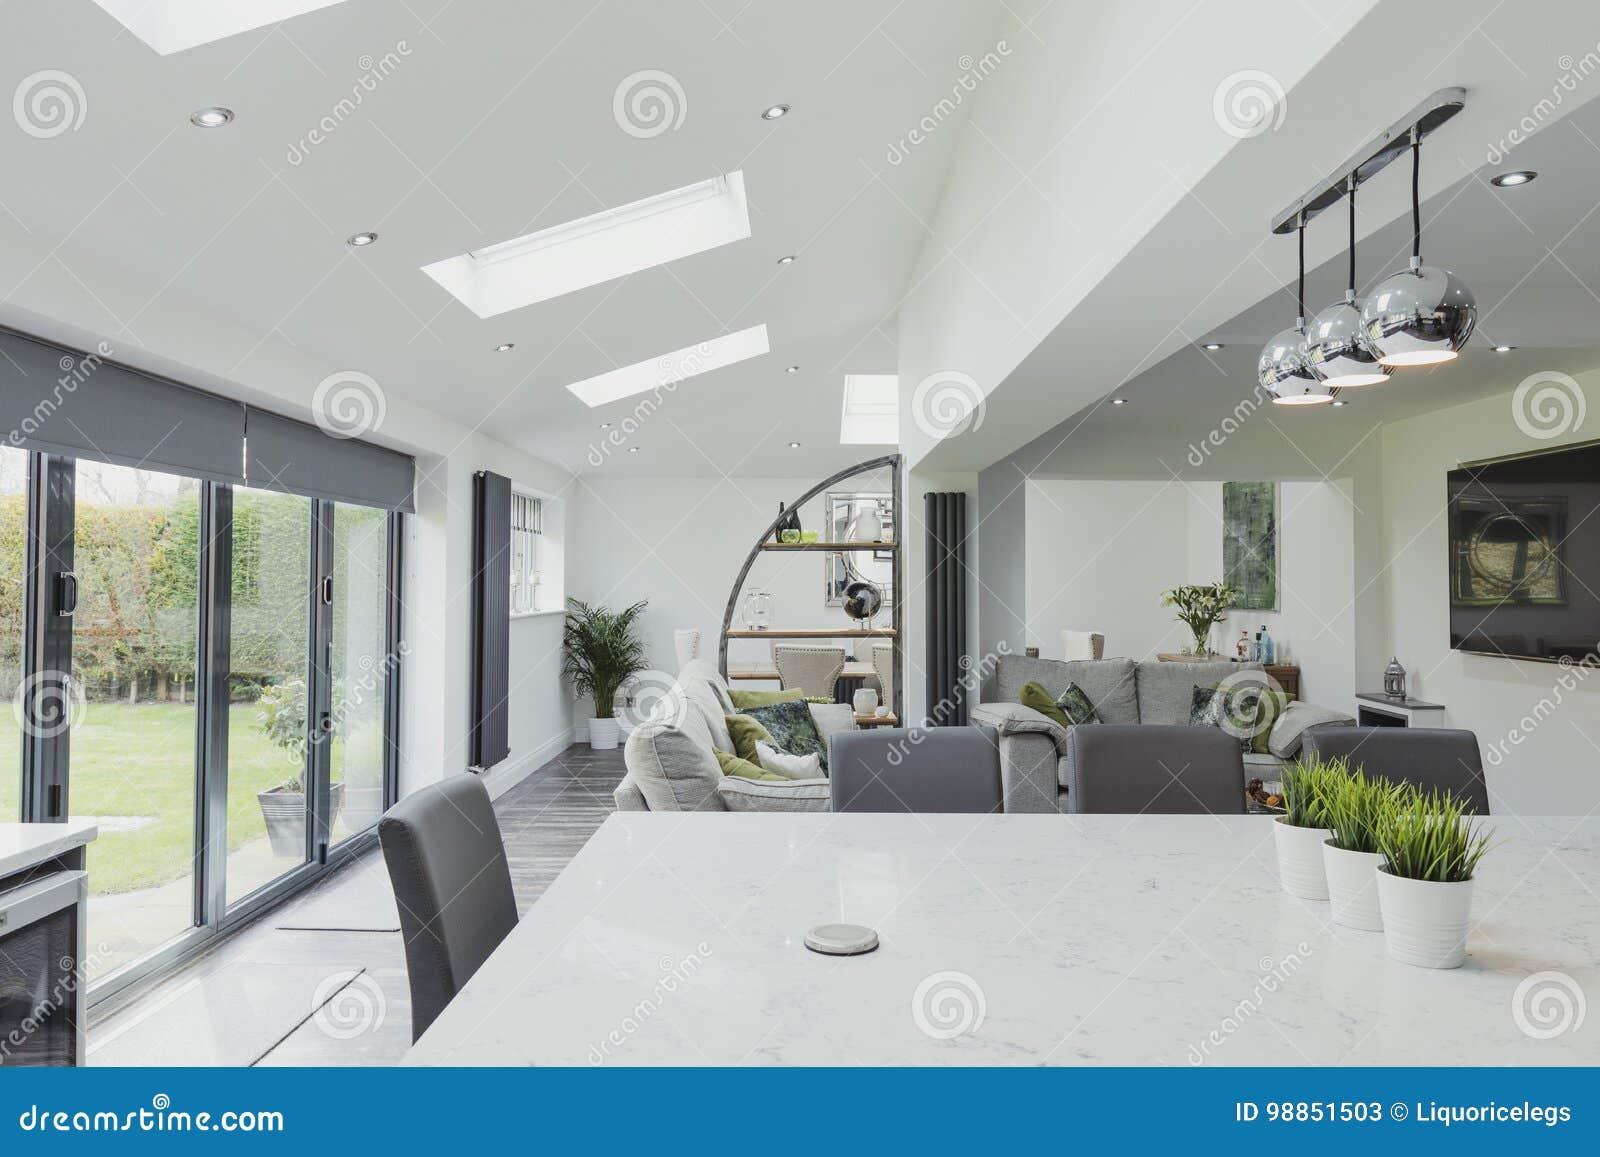 Schöne Zeitgenössische Küche Und Wohnzimmer Stockbild - Bild von ...